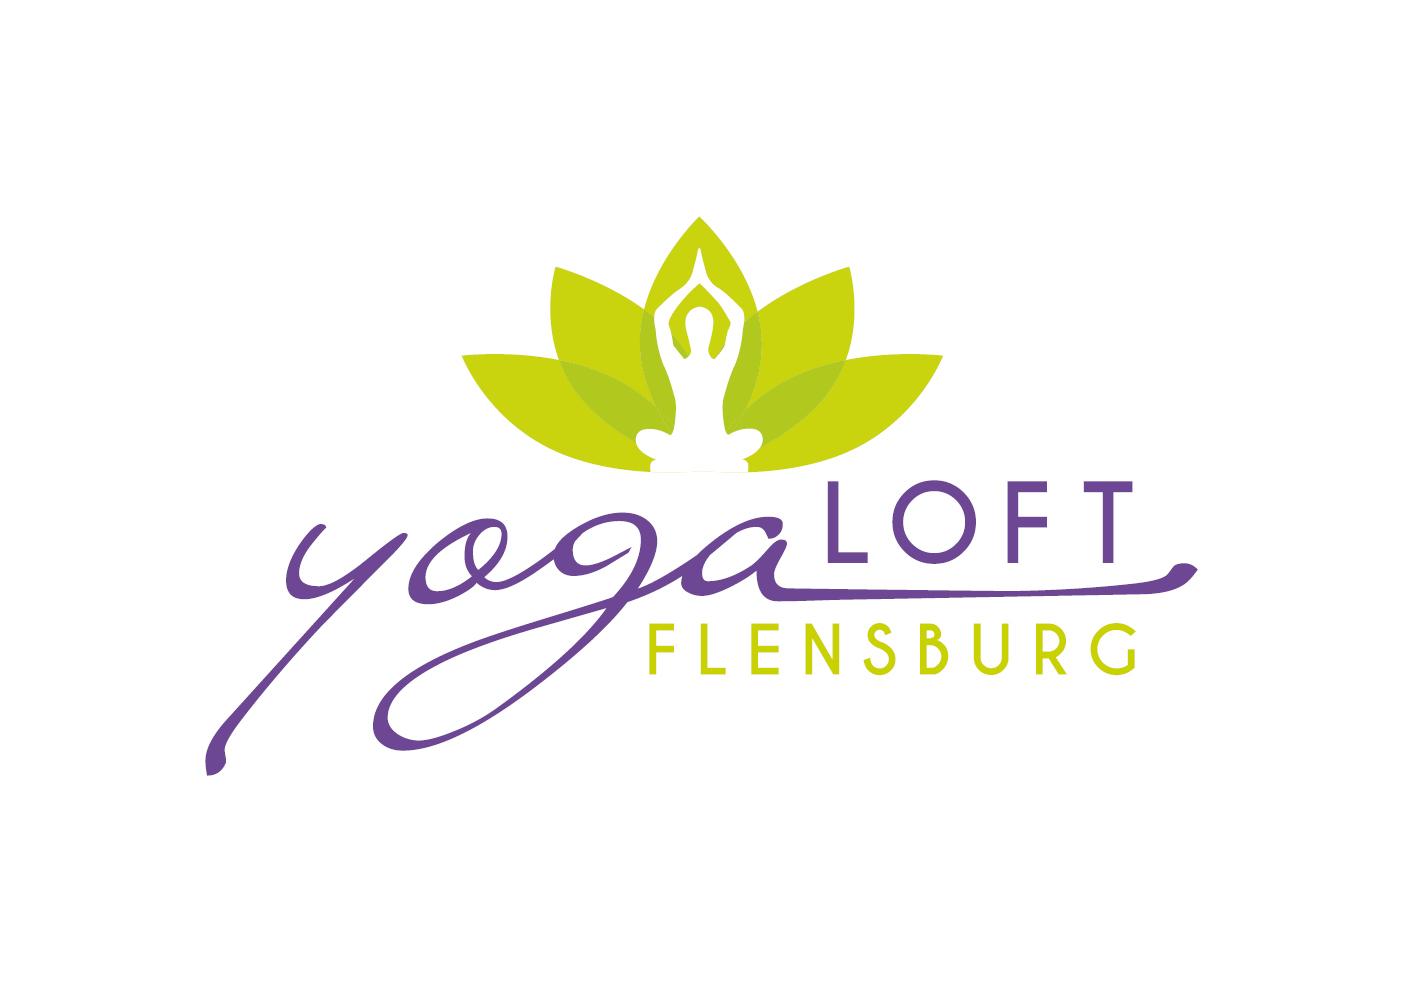 10er Karte Yoga-statt 140,- nur 110,- Euro